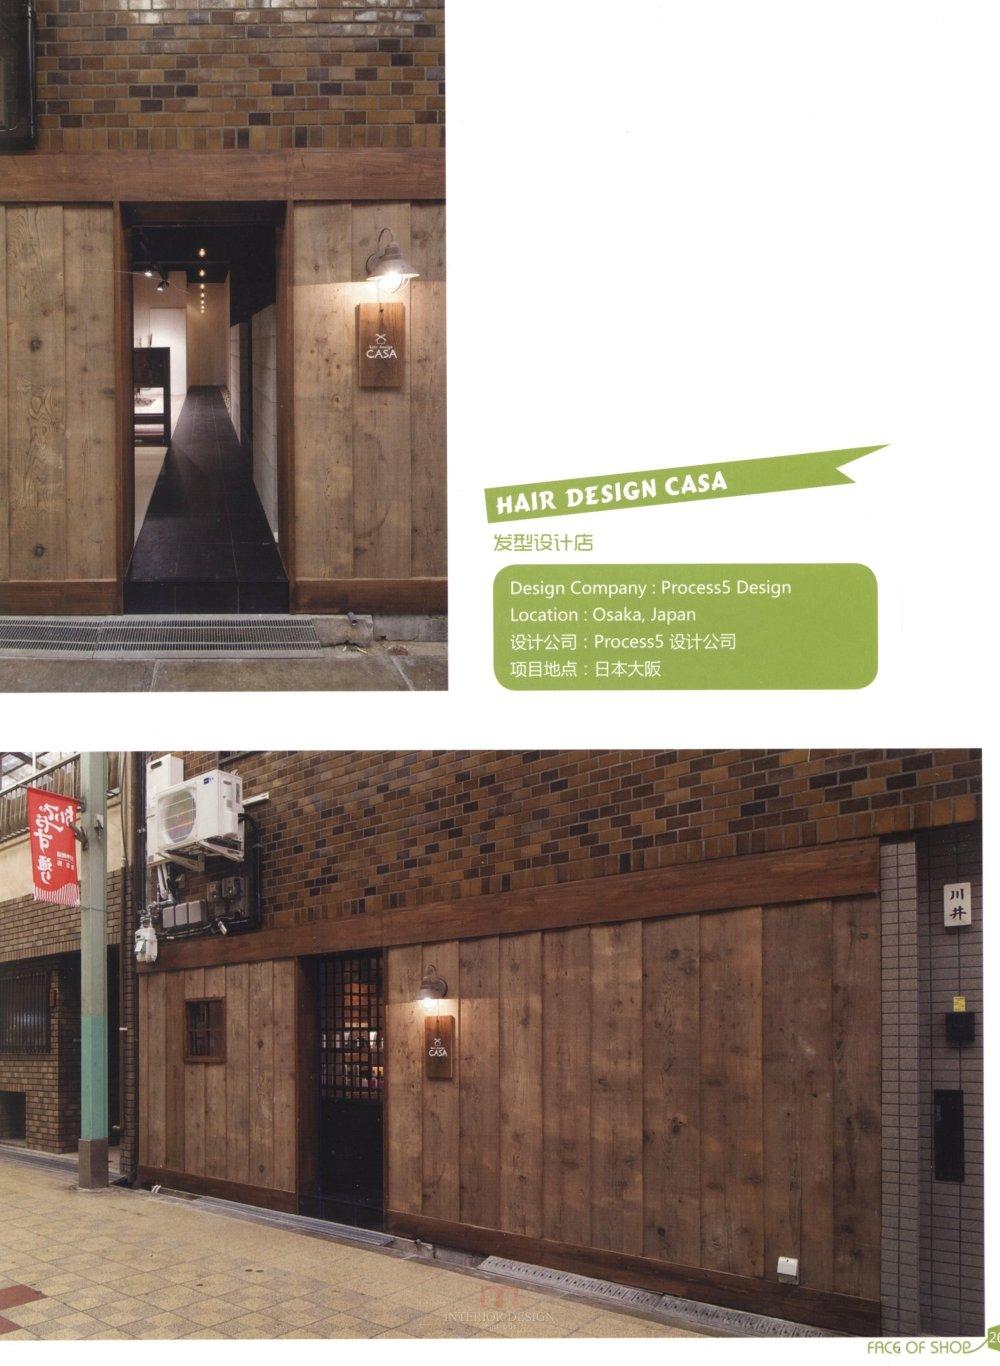 商业店铺、门头设计_kebi 0256.jpg